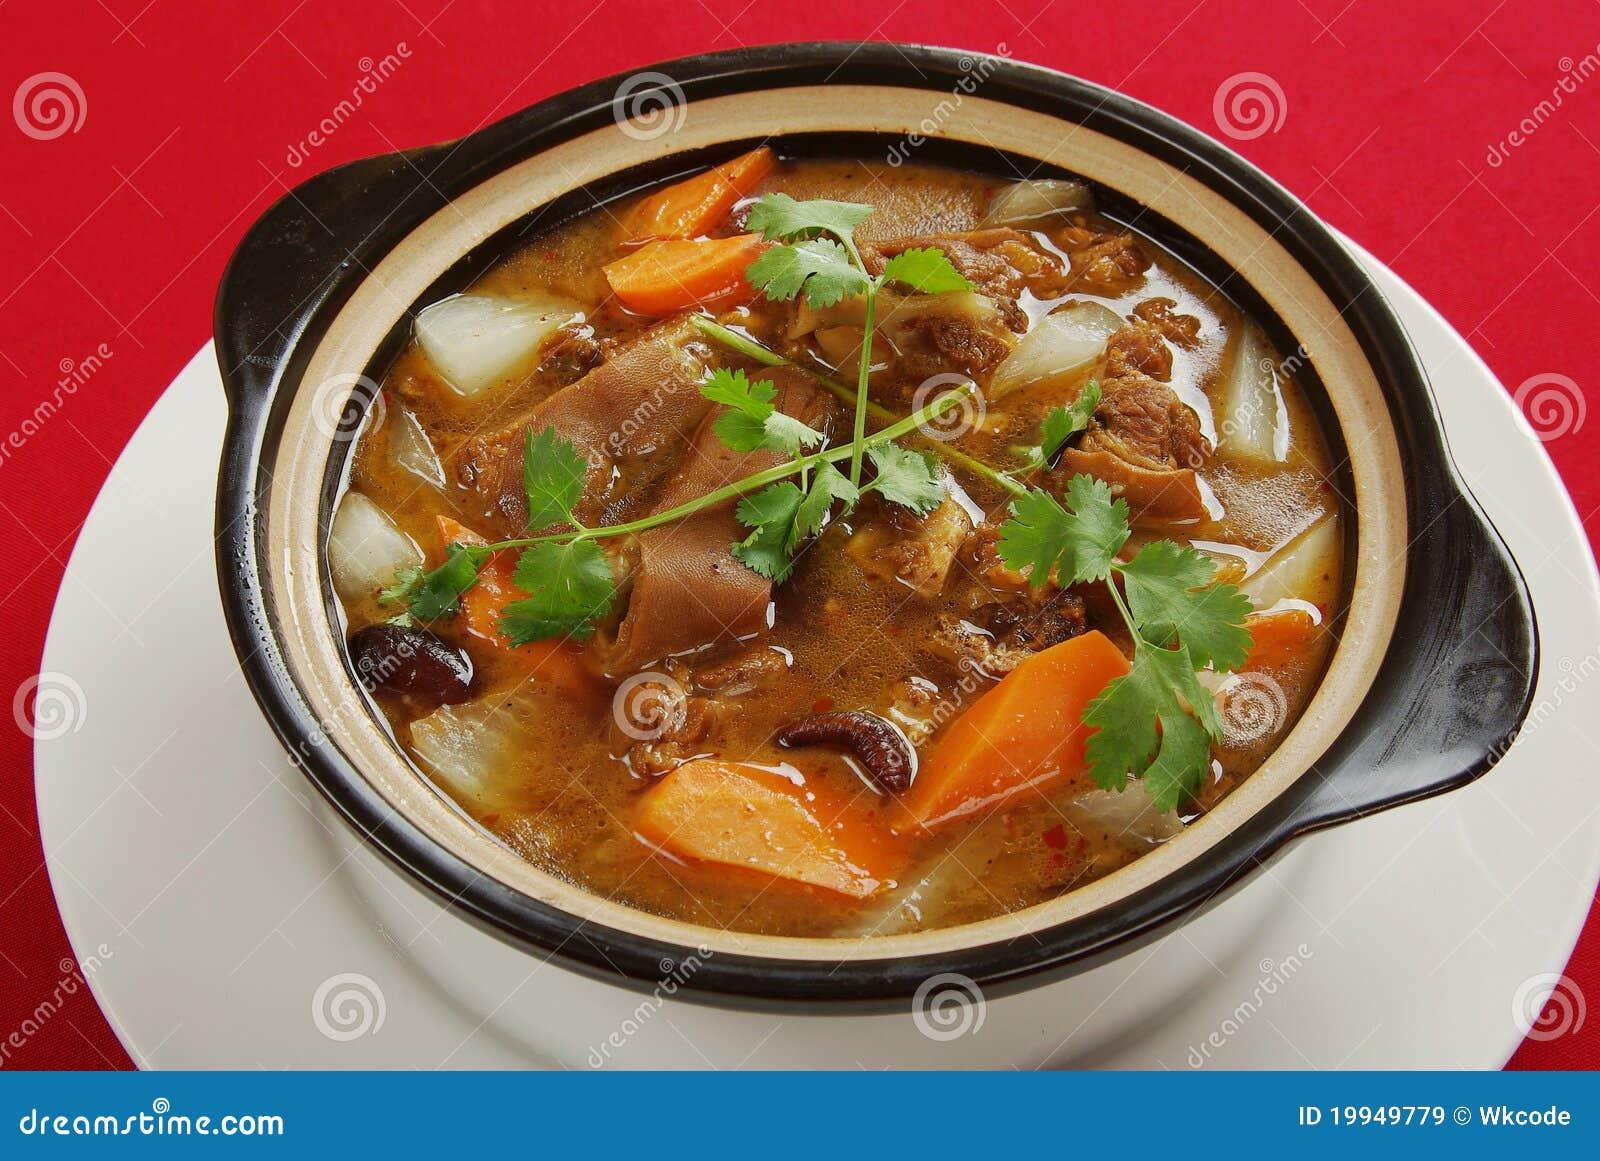 ... stew mushroom stew from stewed stewed mushroom dish stewed chicken